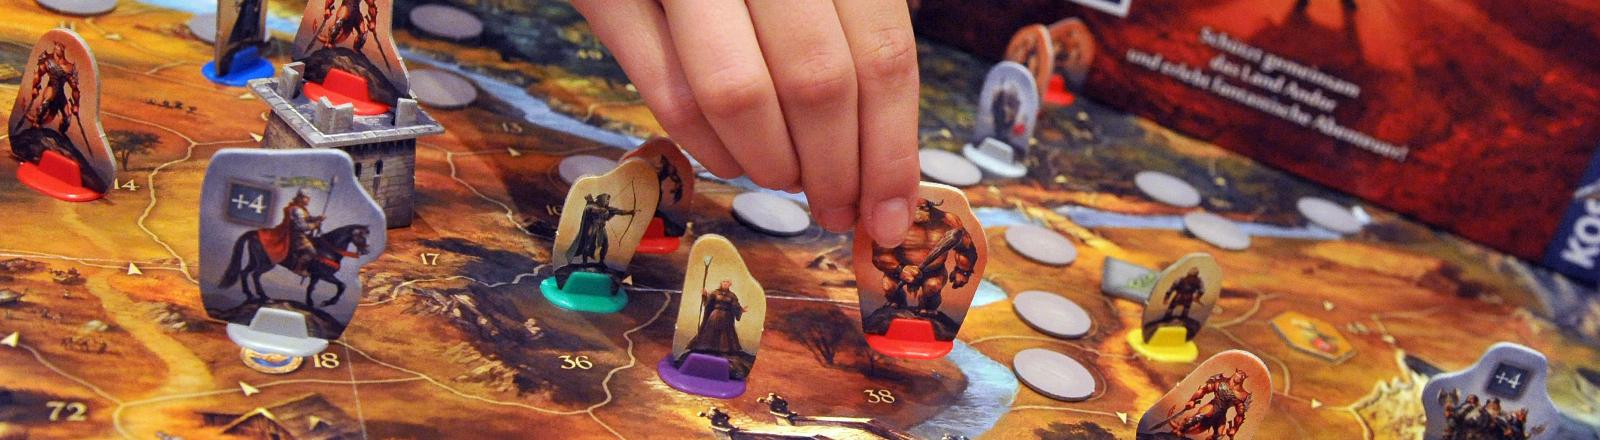 In einem Fantasy-Brettspiel werden Ritter, Zauberer und Oger über das Spielbrett gezogen.